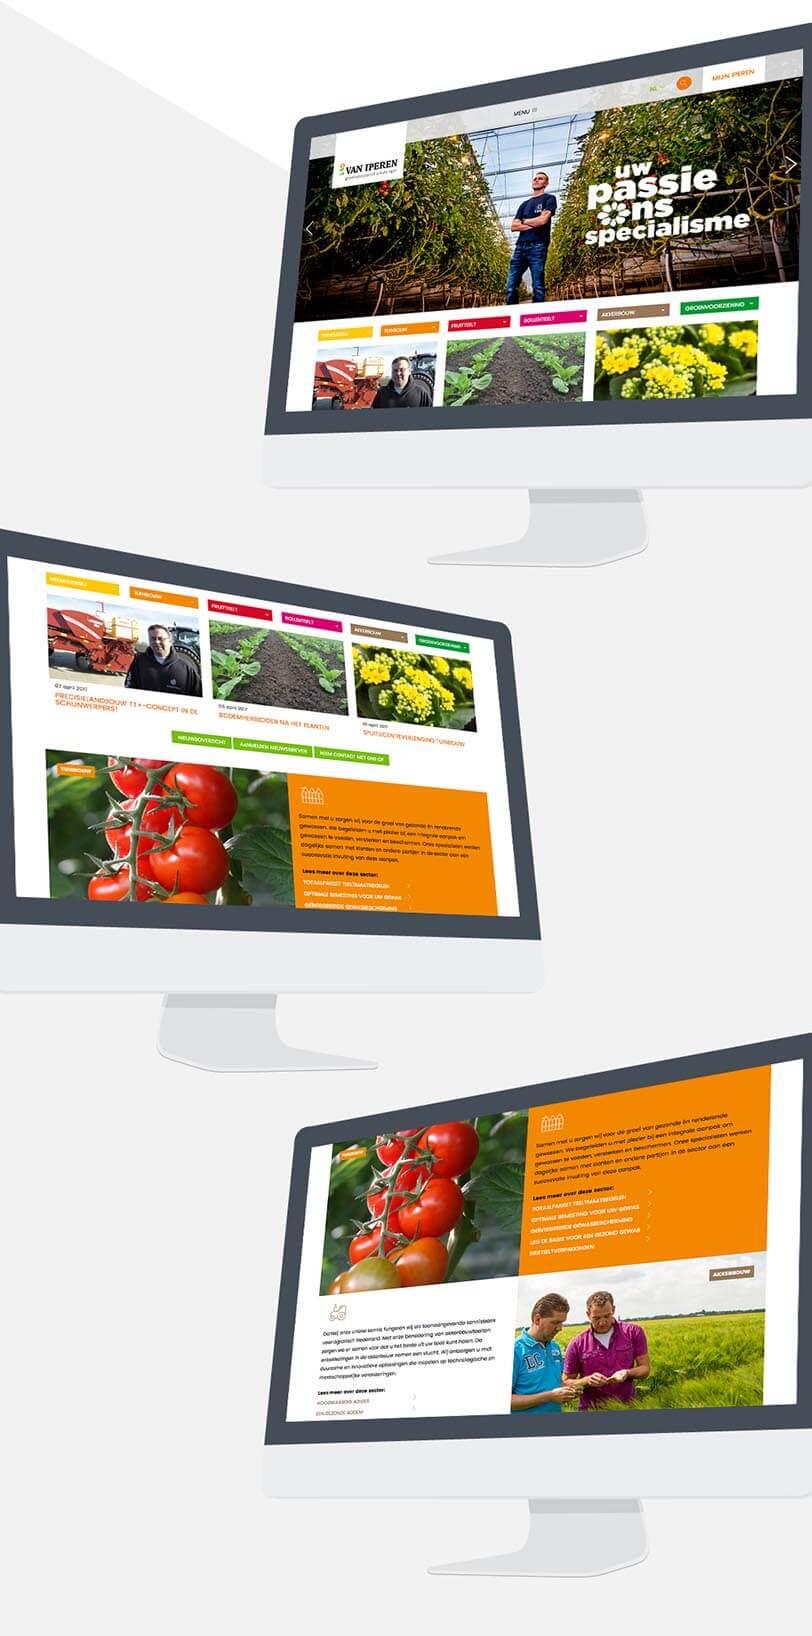 van-iperen-website.jpg